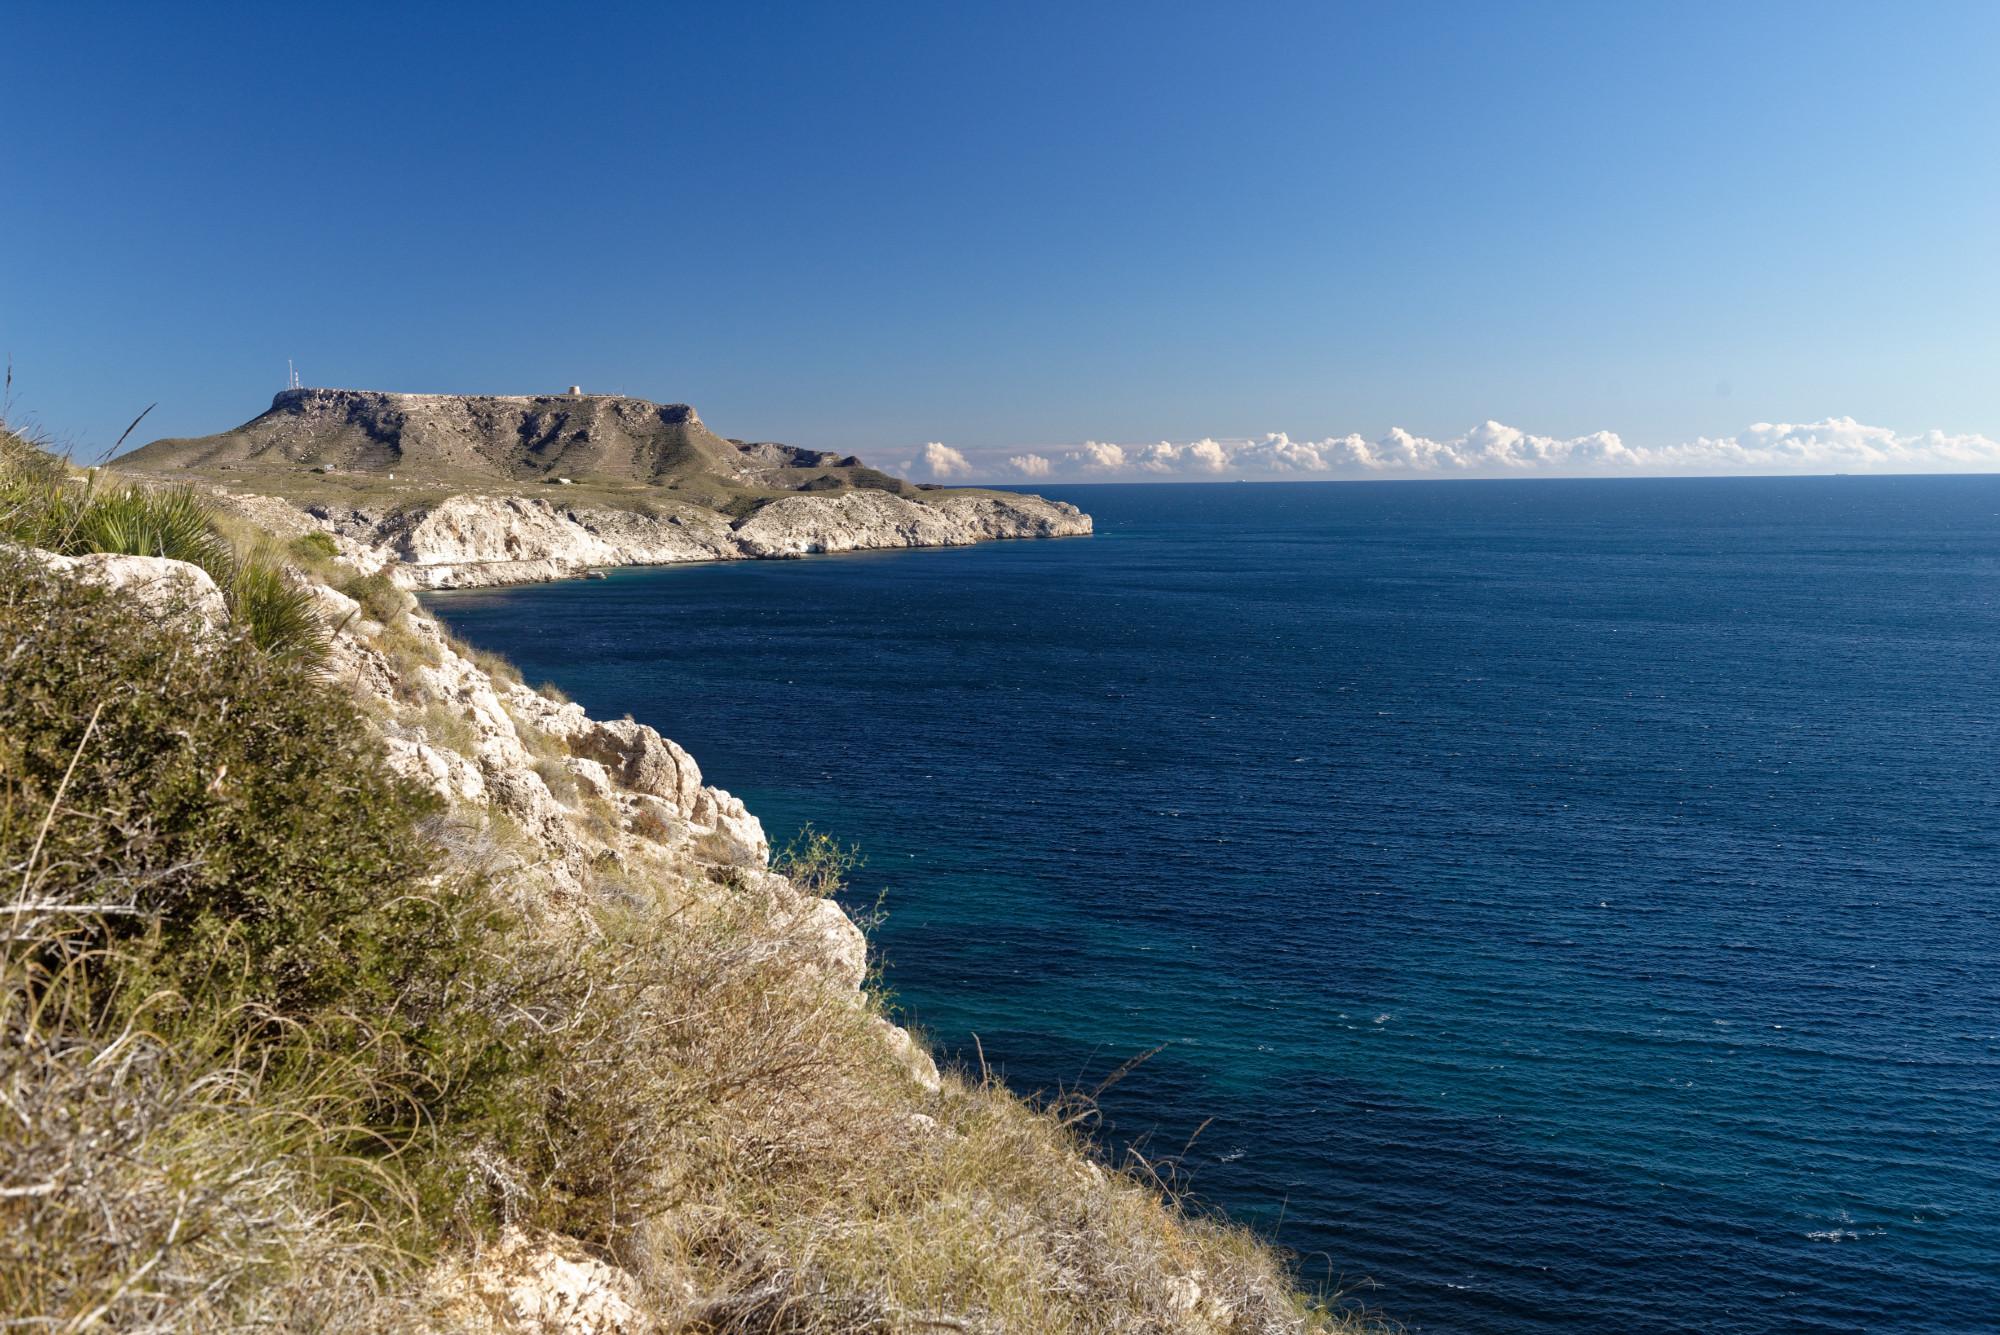 171217-Marche Agua Amarga vers Playa de Enmedio (Cabo de Gata-Andalousie) (39)